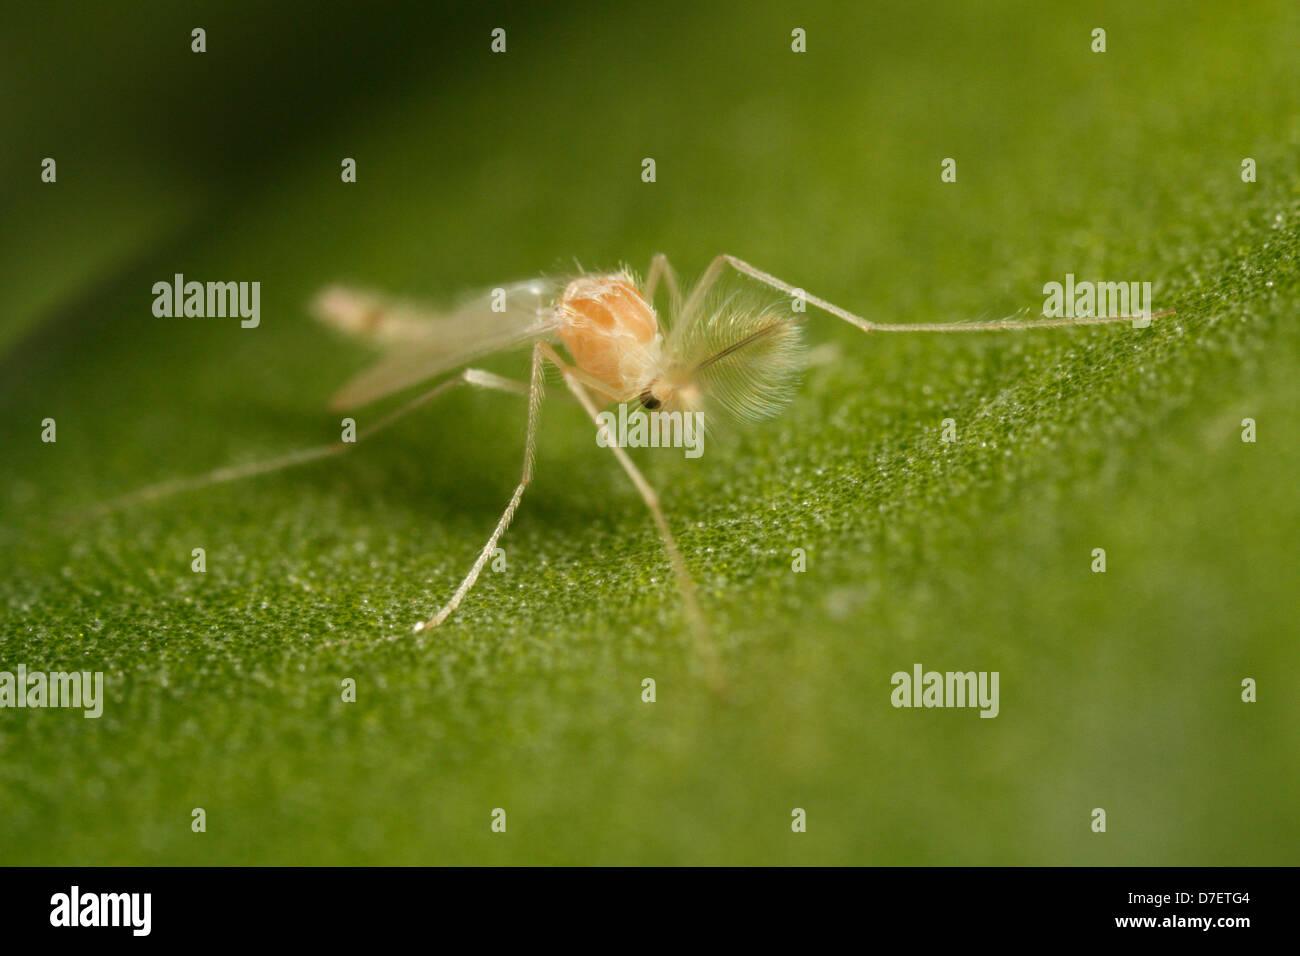 Chironomidé gnat sur une feuille (un mâle) Photo Stock